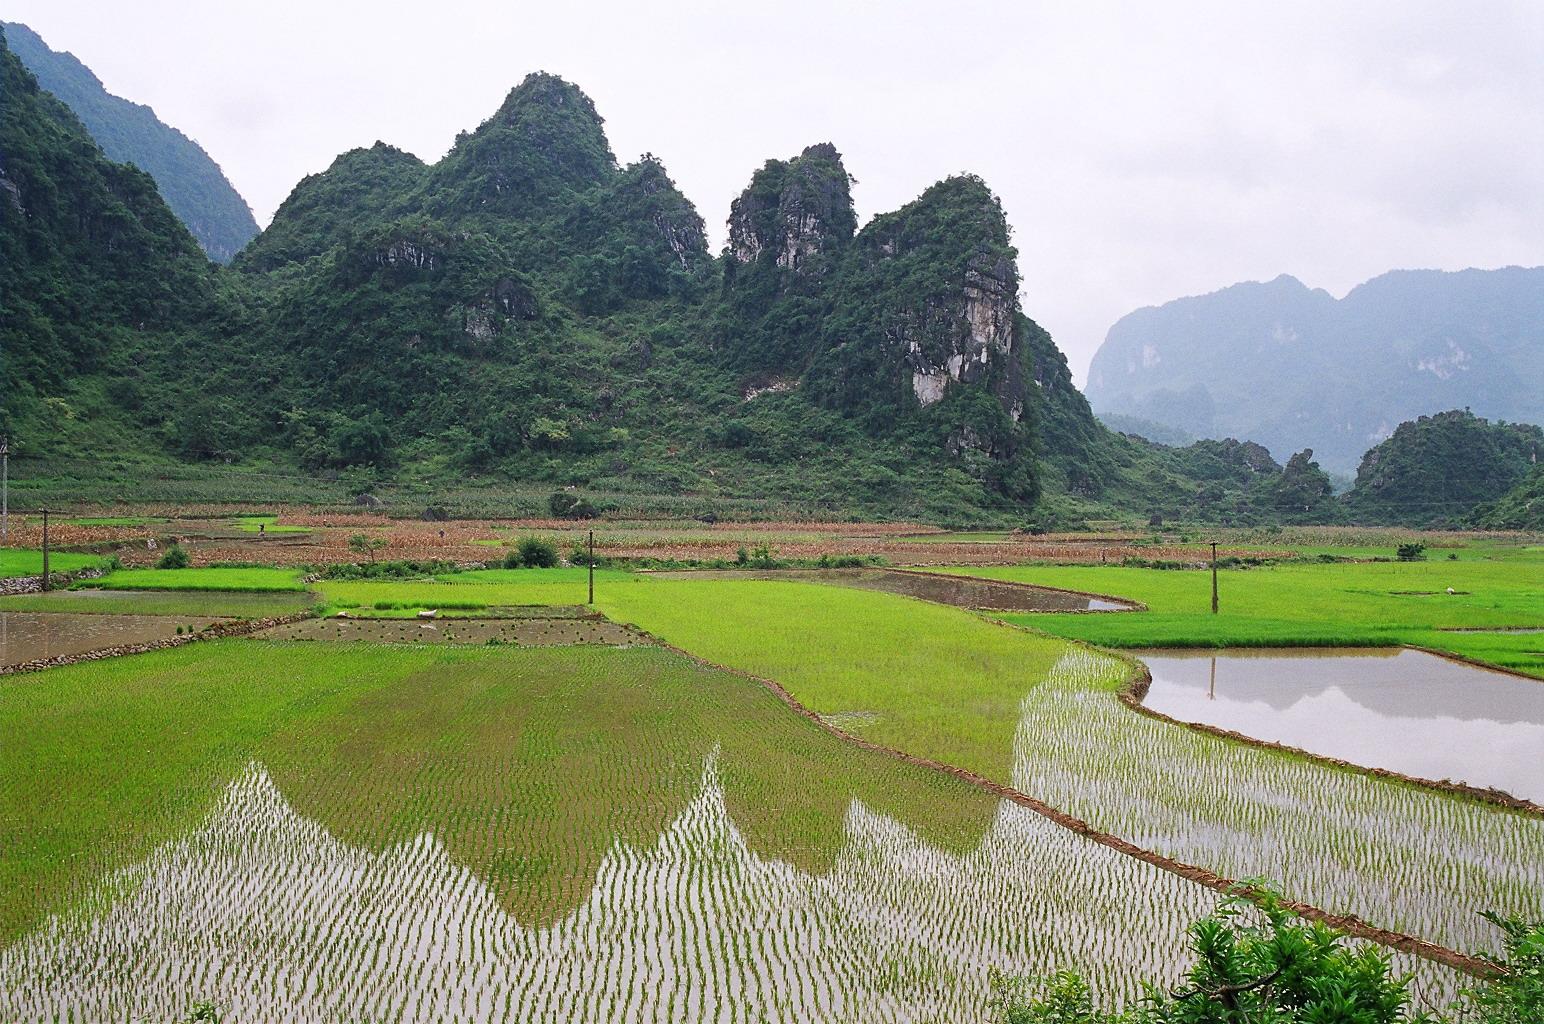 Bán nhớt Liqui Moly chính hãng tại Cao Bằng